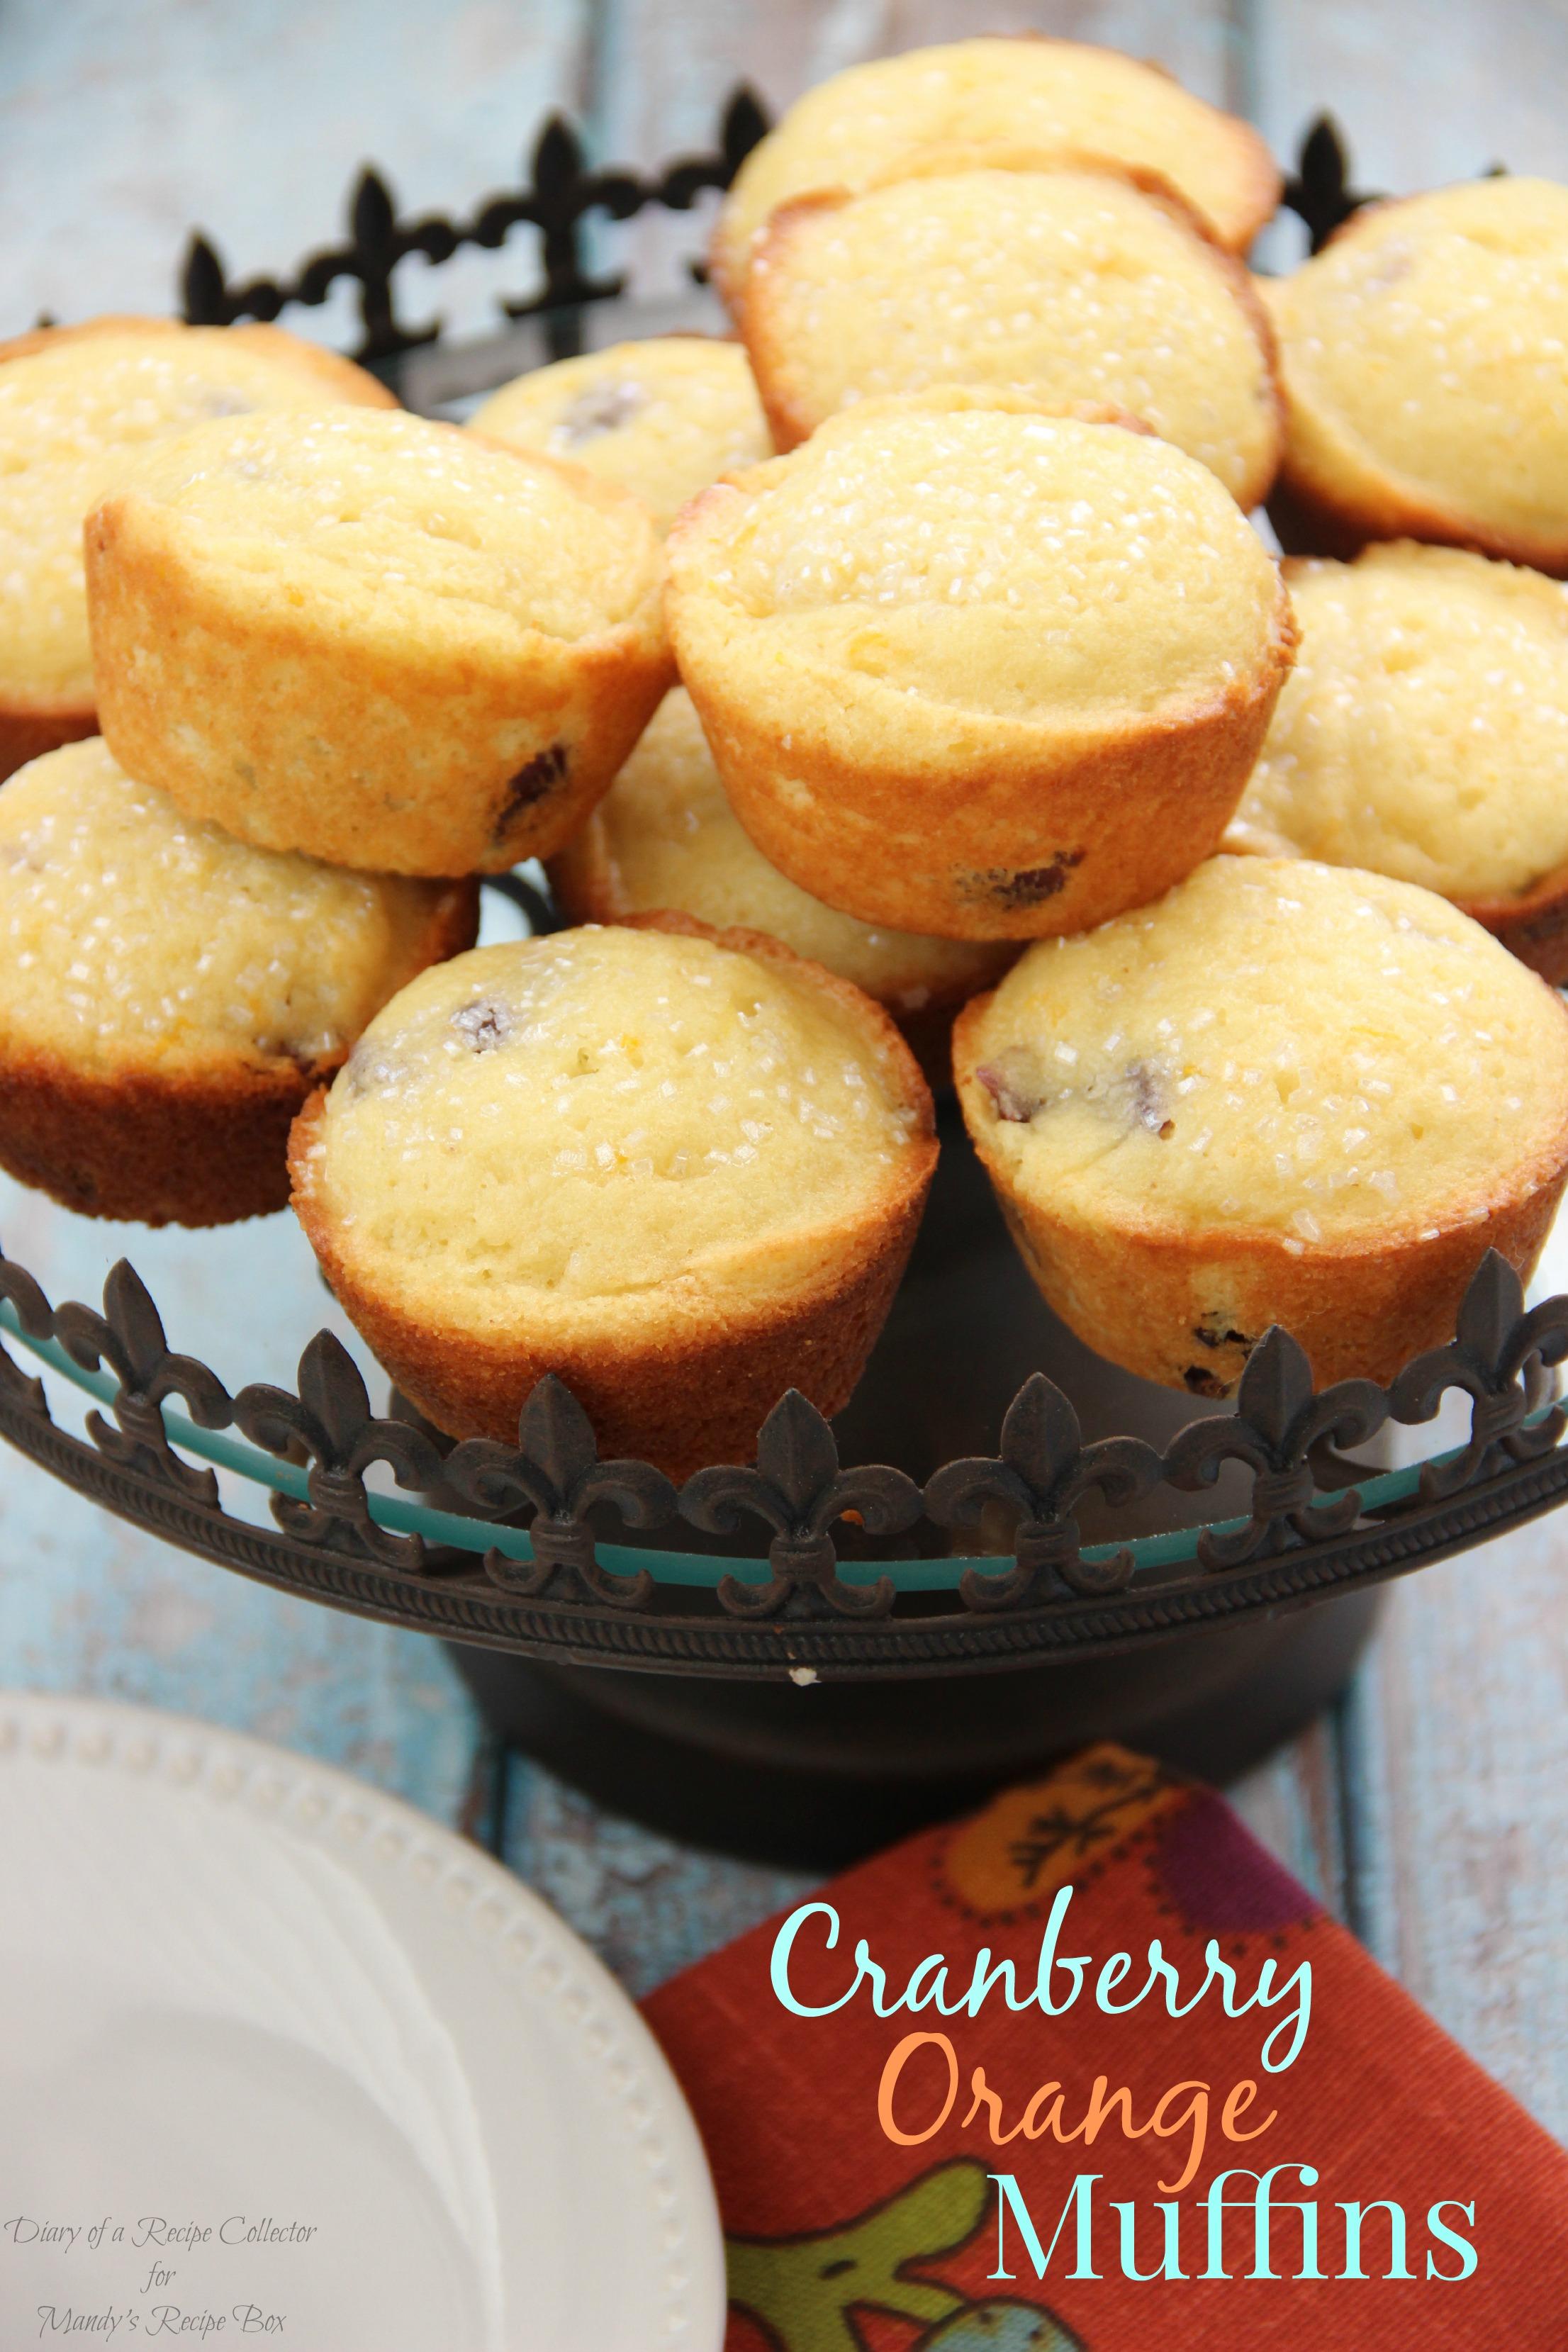 Cranberry Orange Muffins | Mandy's Recipe Box